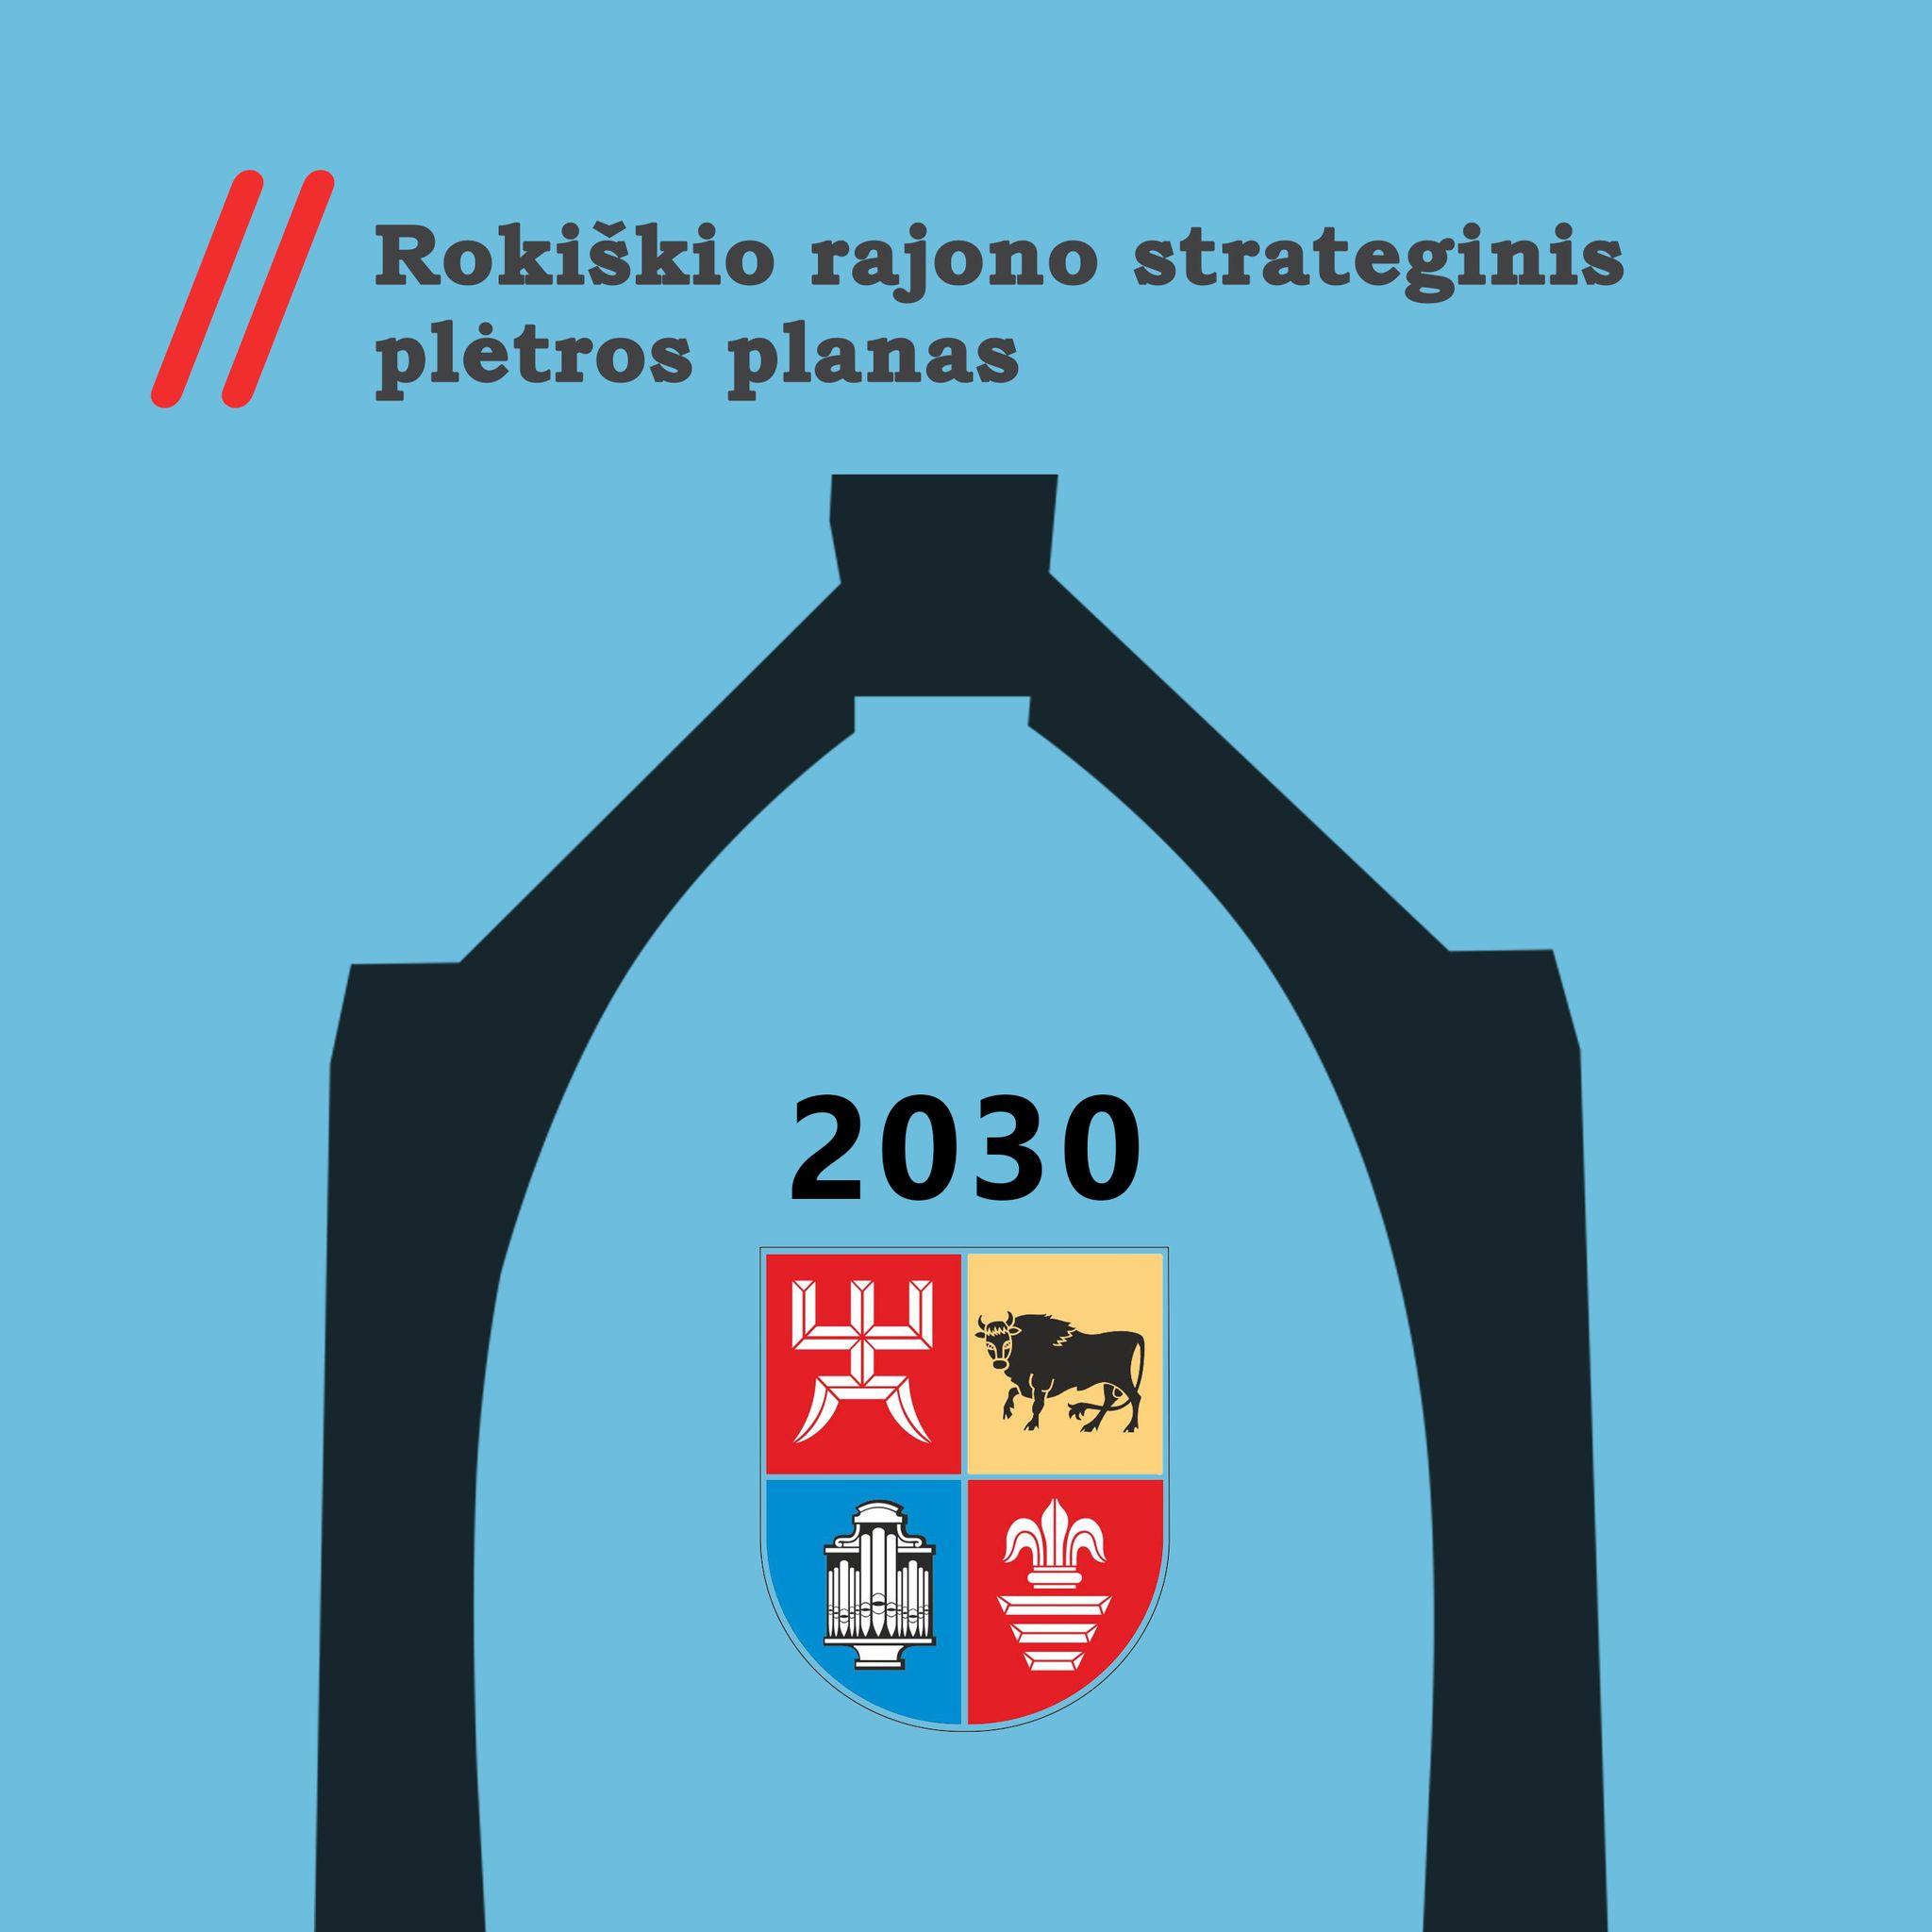 Rokiškis 2030